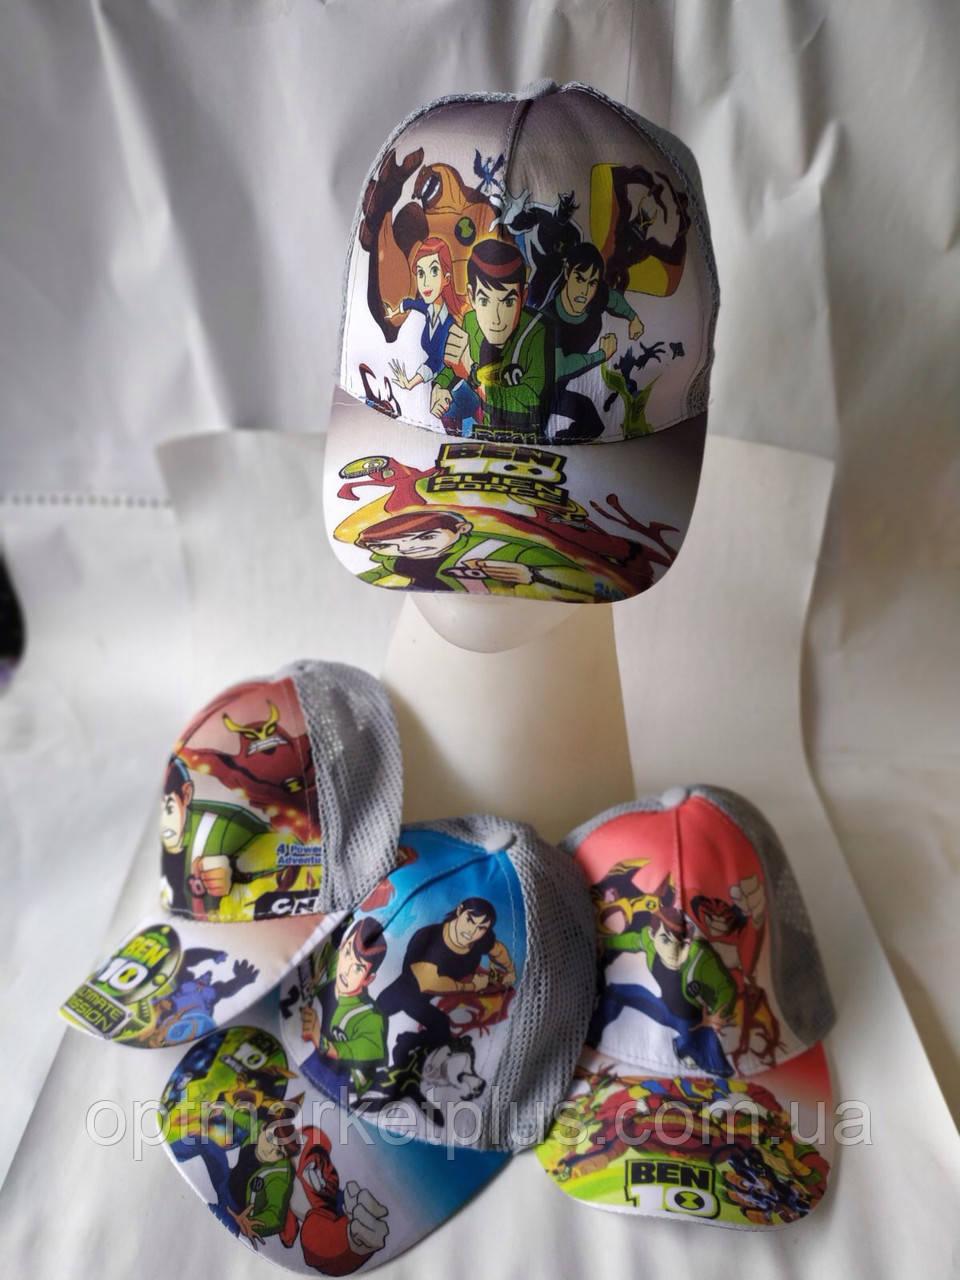 Кепки для хлопчиків (4-6 років) купити оптом від складу 7 км Одеса